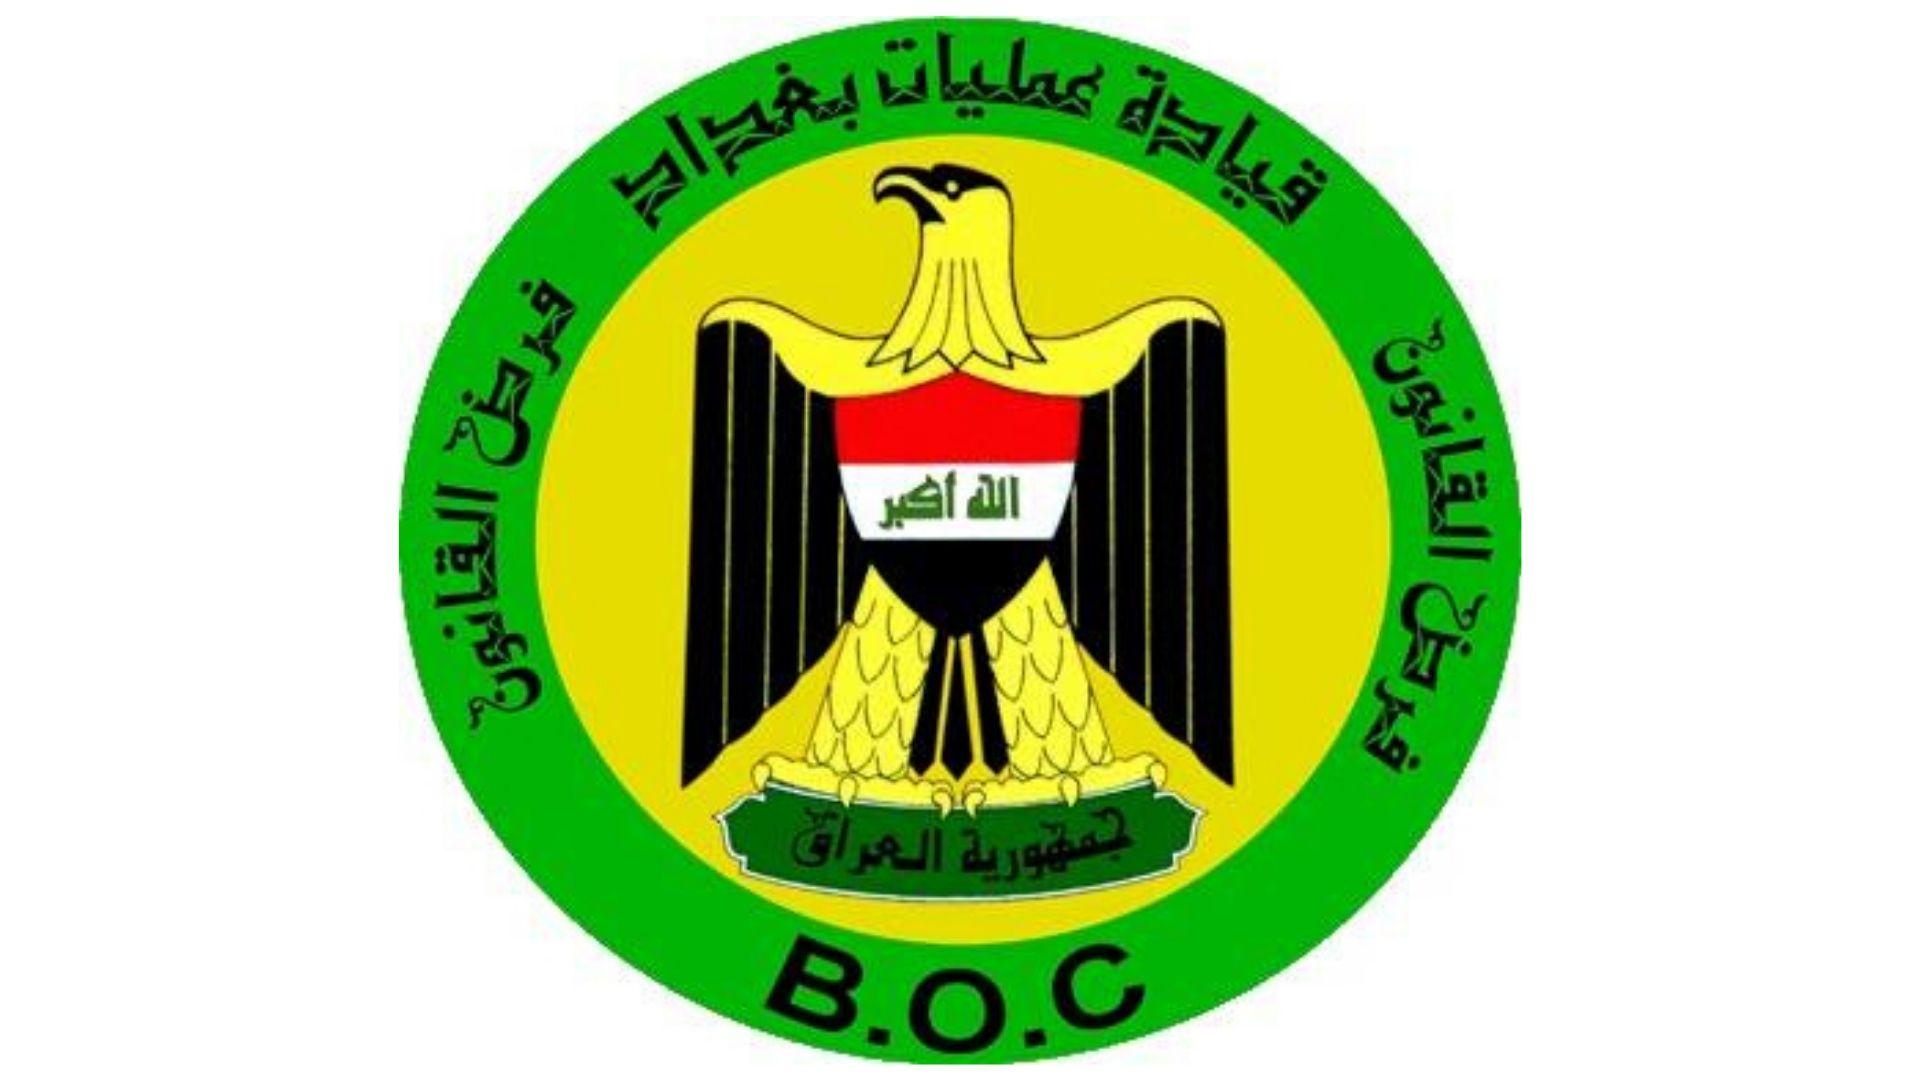 عمليات بغداد توجه بغلق سوق مريدي وعريبة والعورة